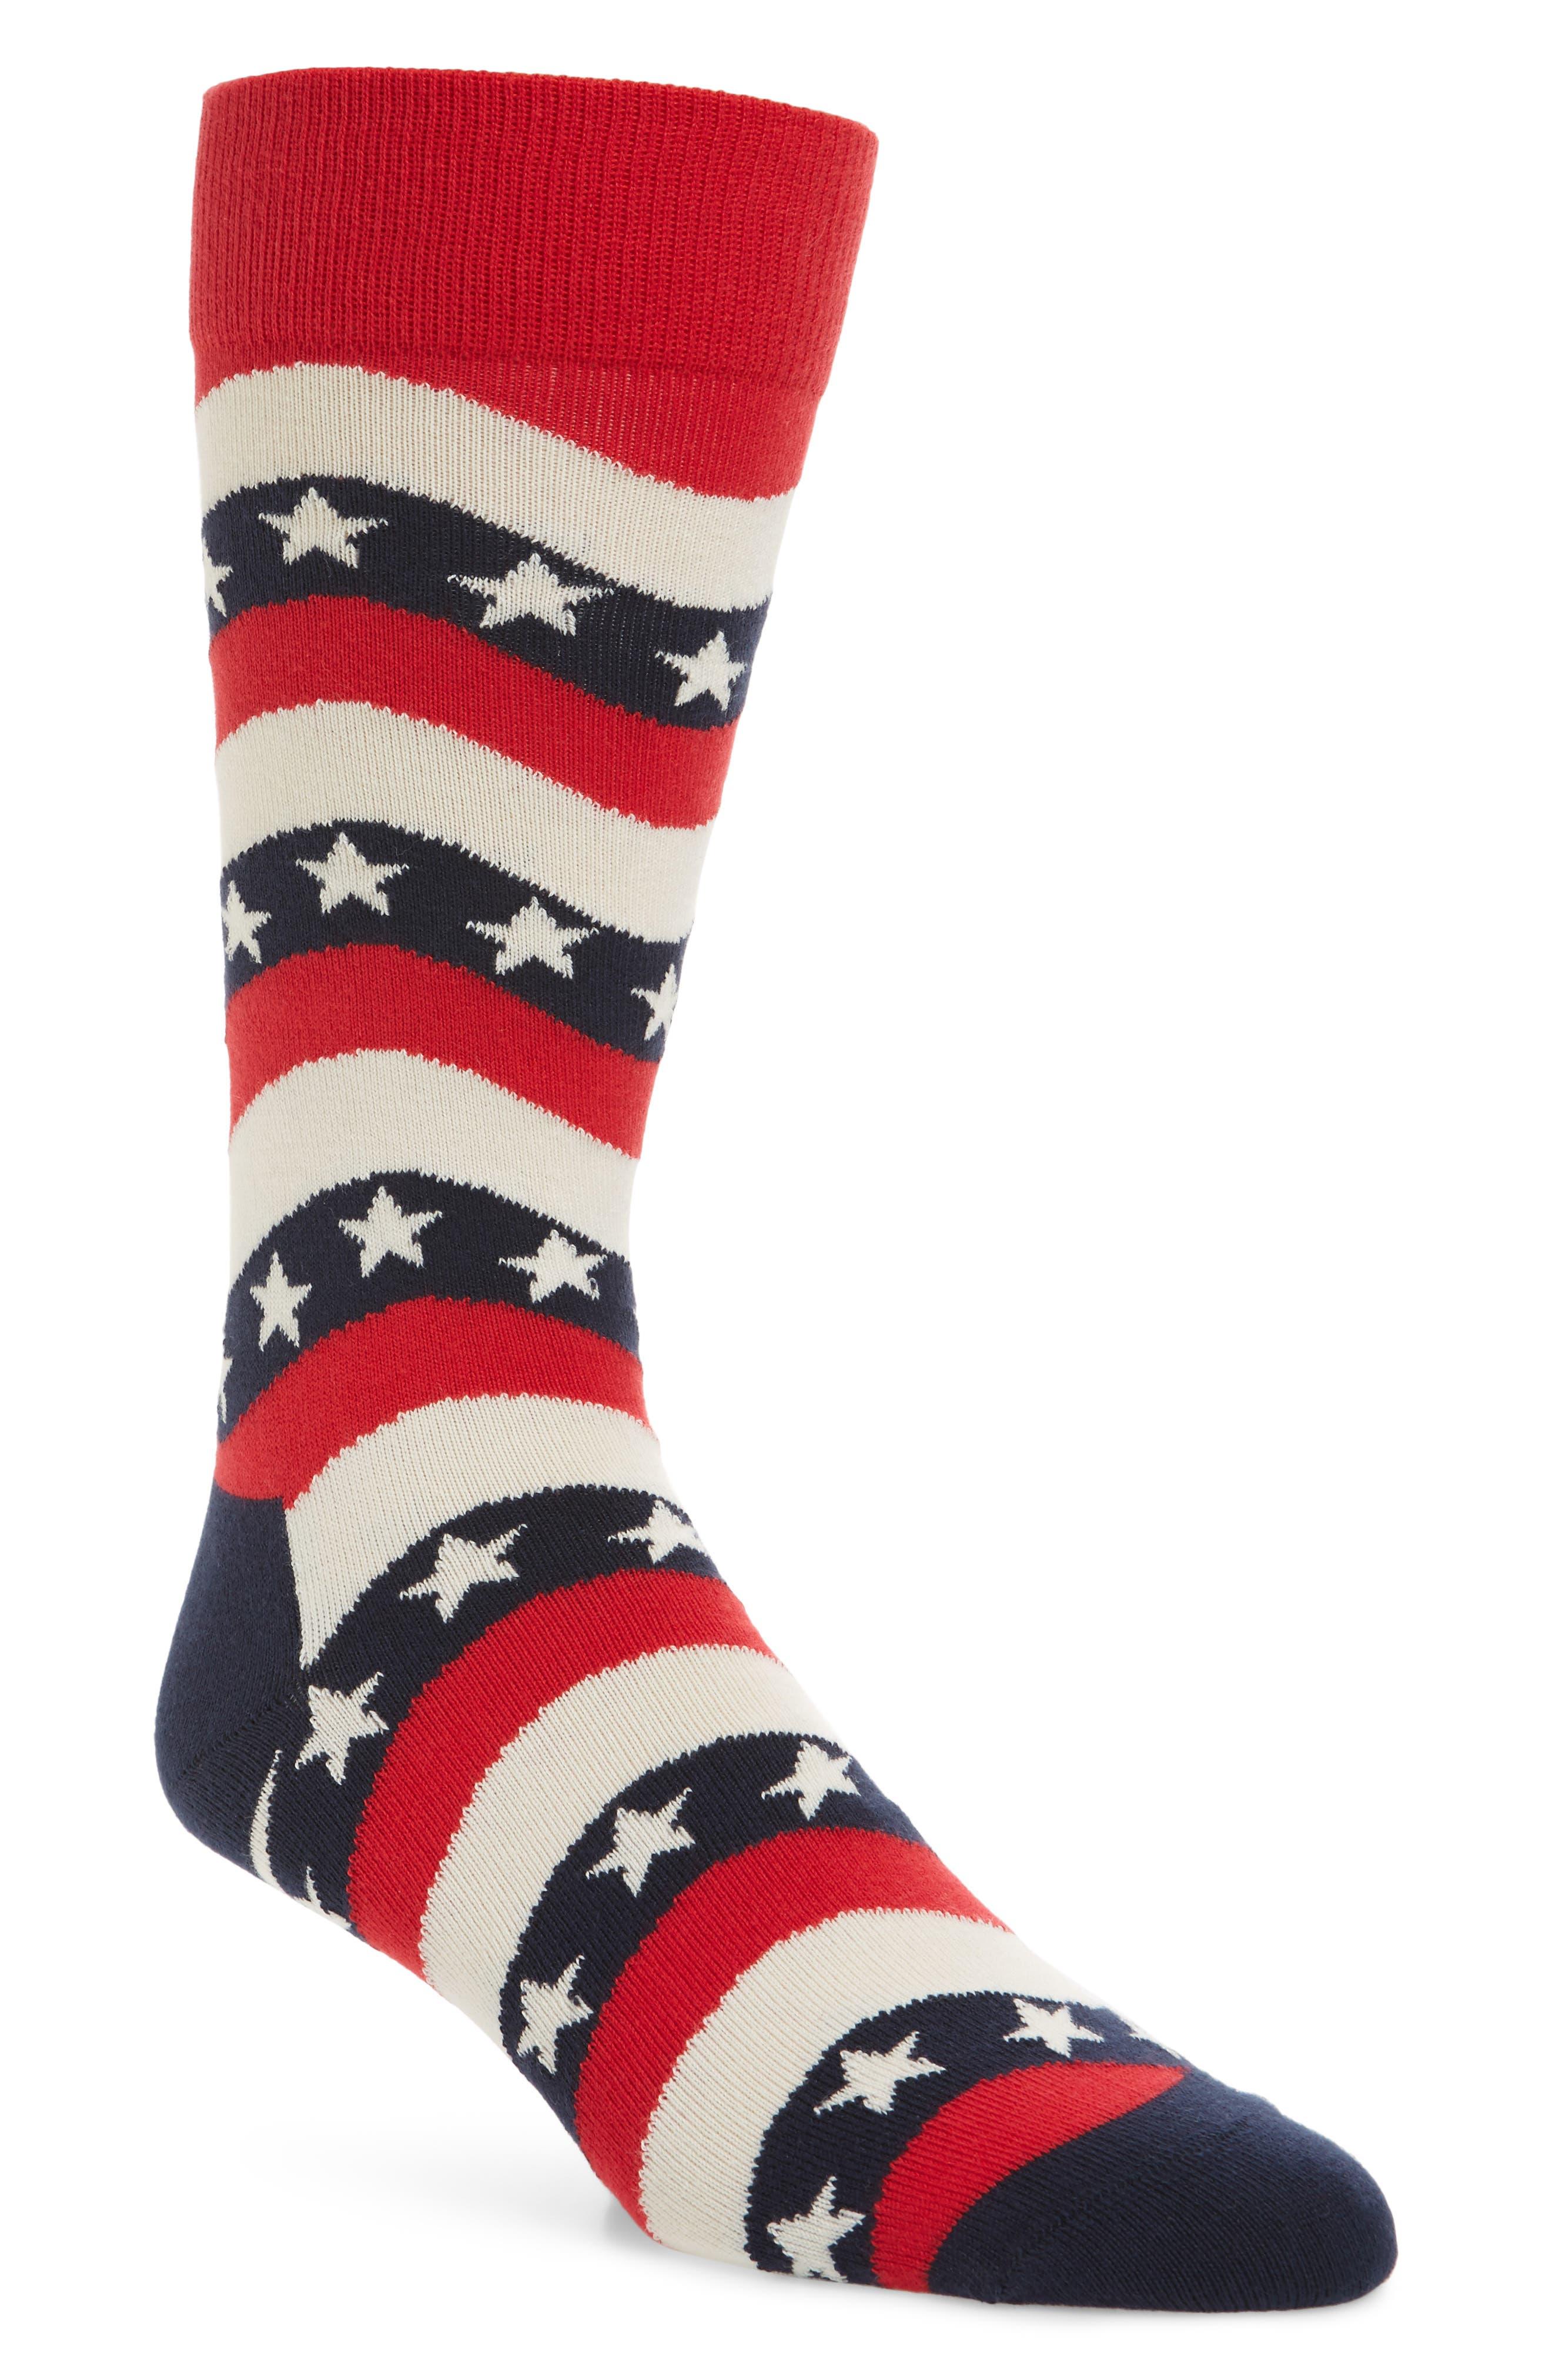 Happy Socks Wavy Socks